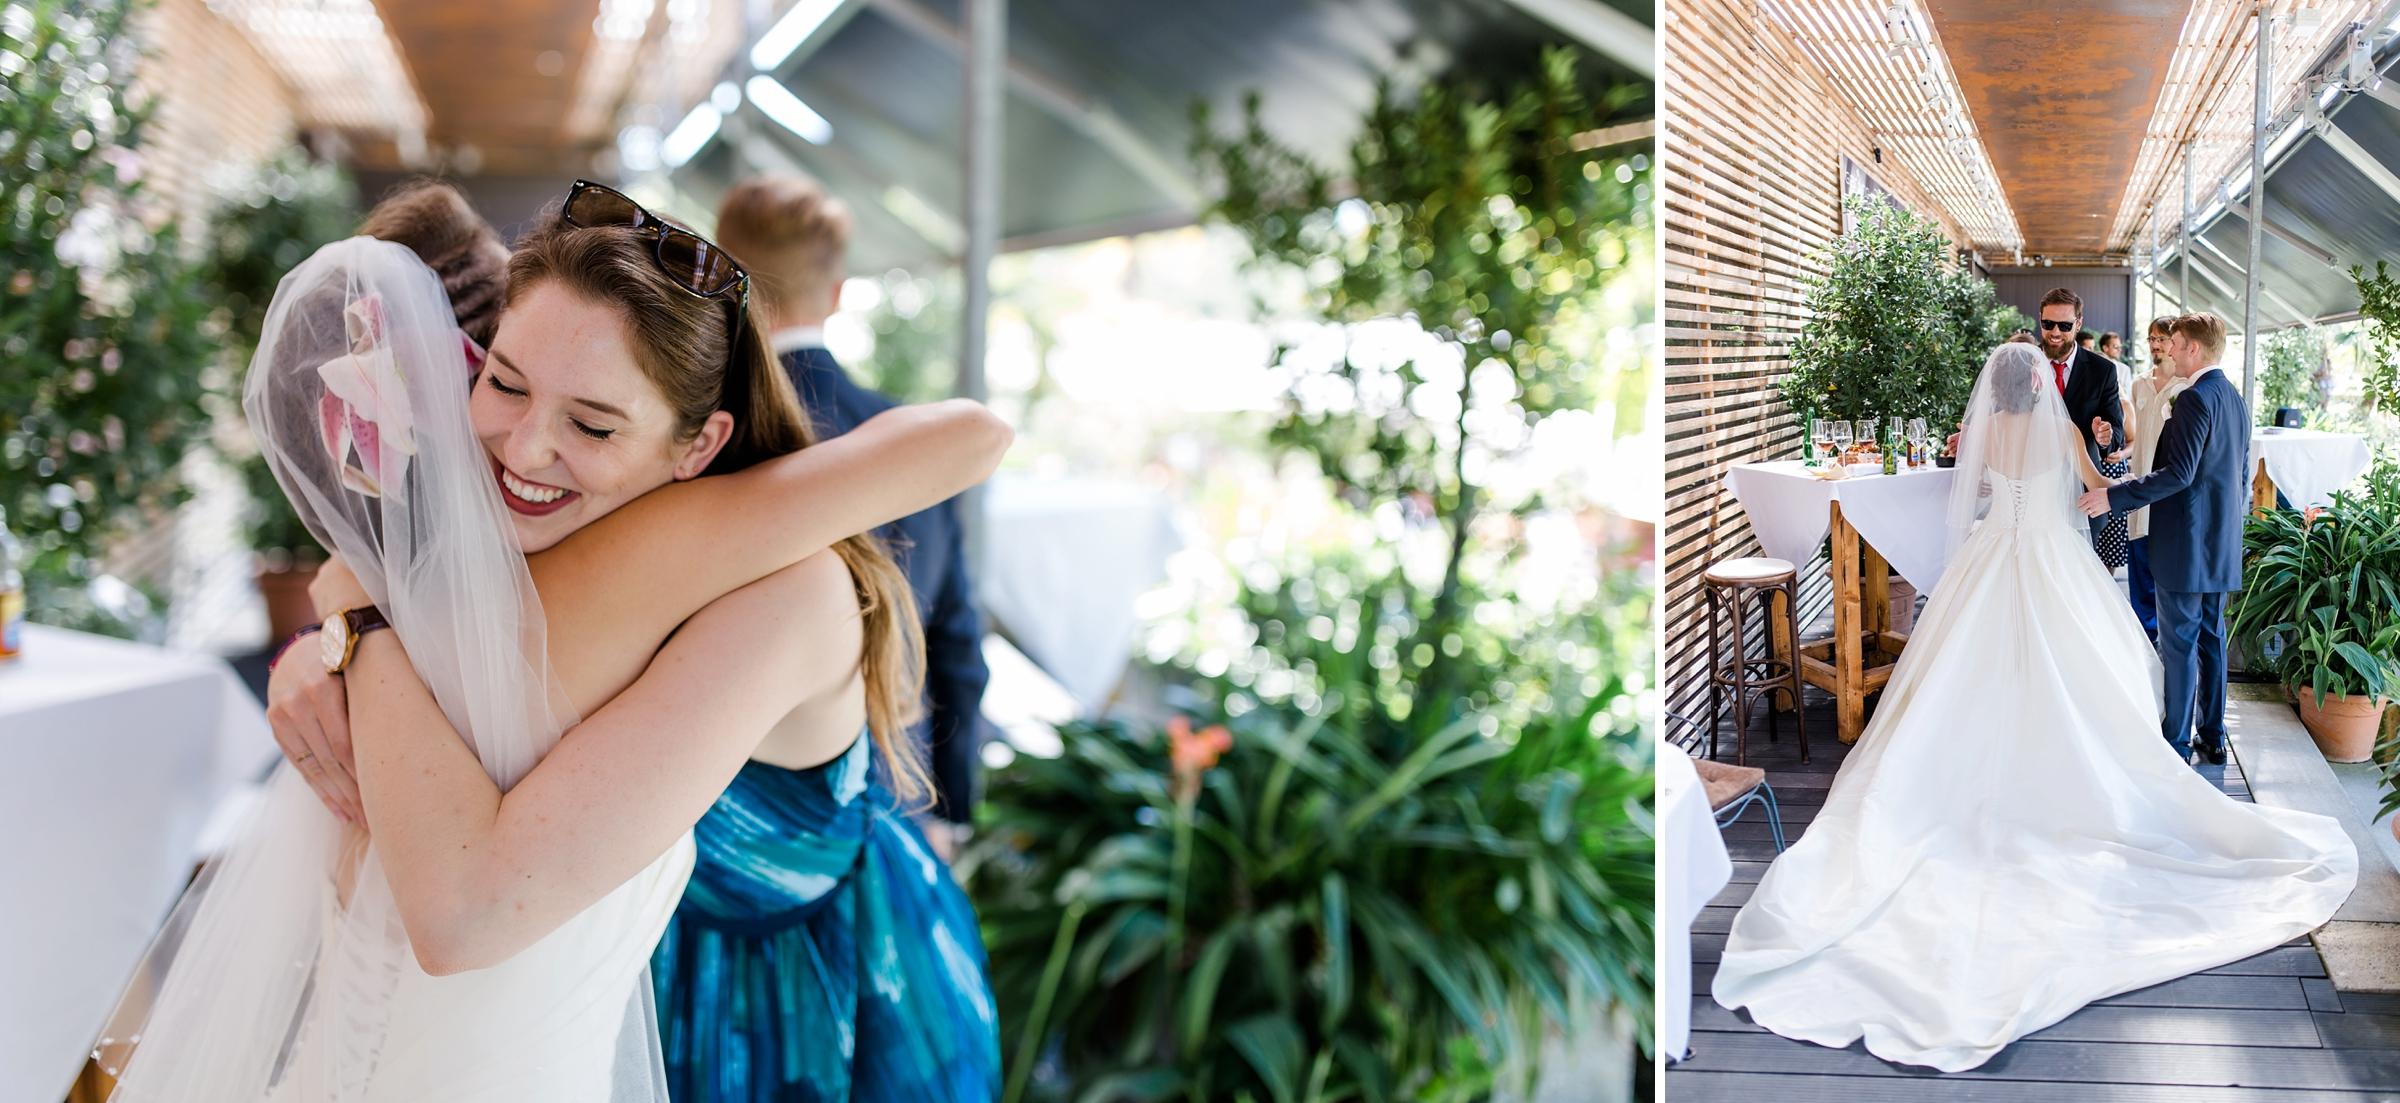 Hochzeitsfotograf-Zuerich-Giardino-Verde-Gaeste-gratulieren